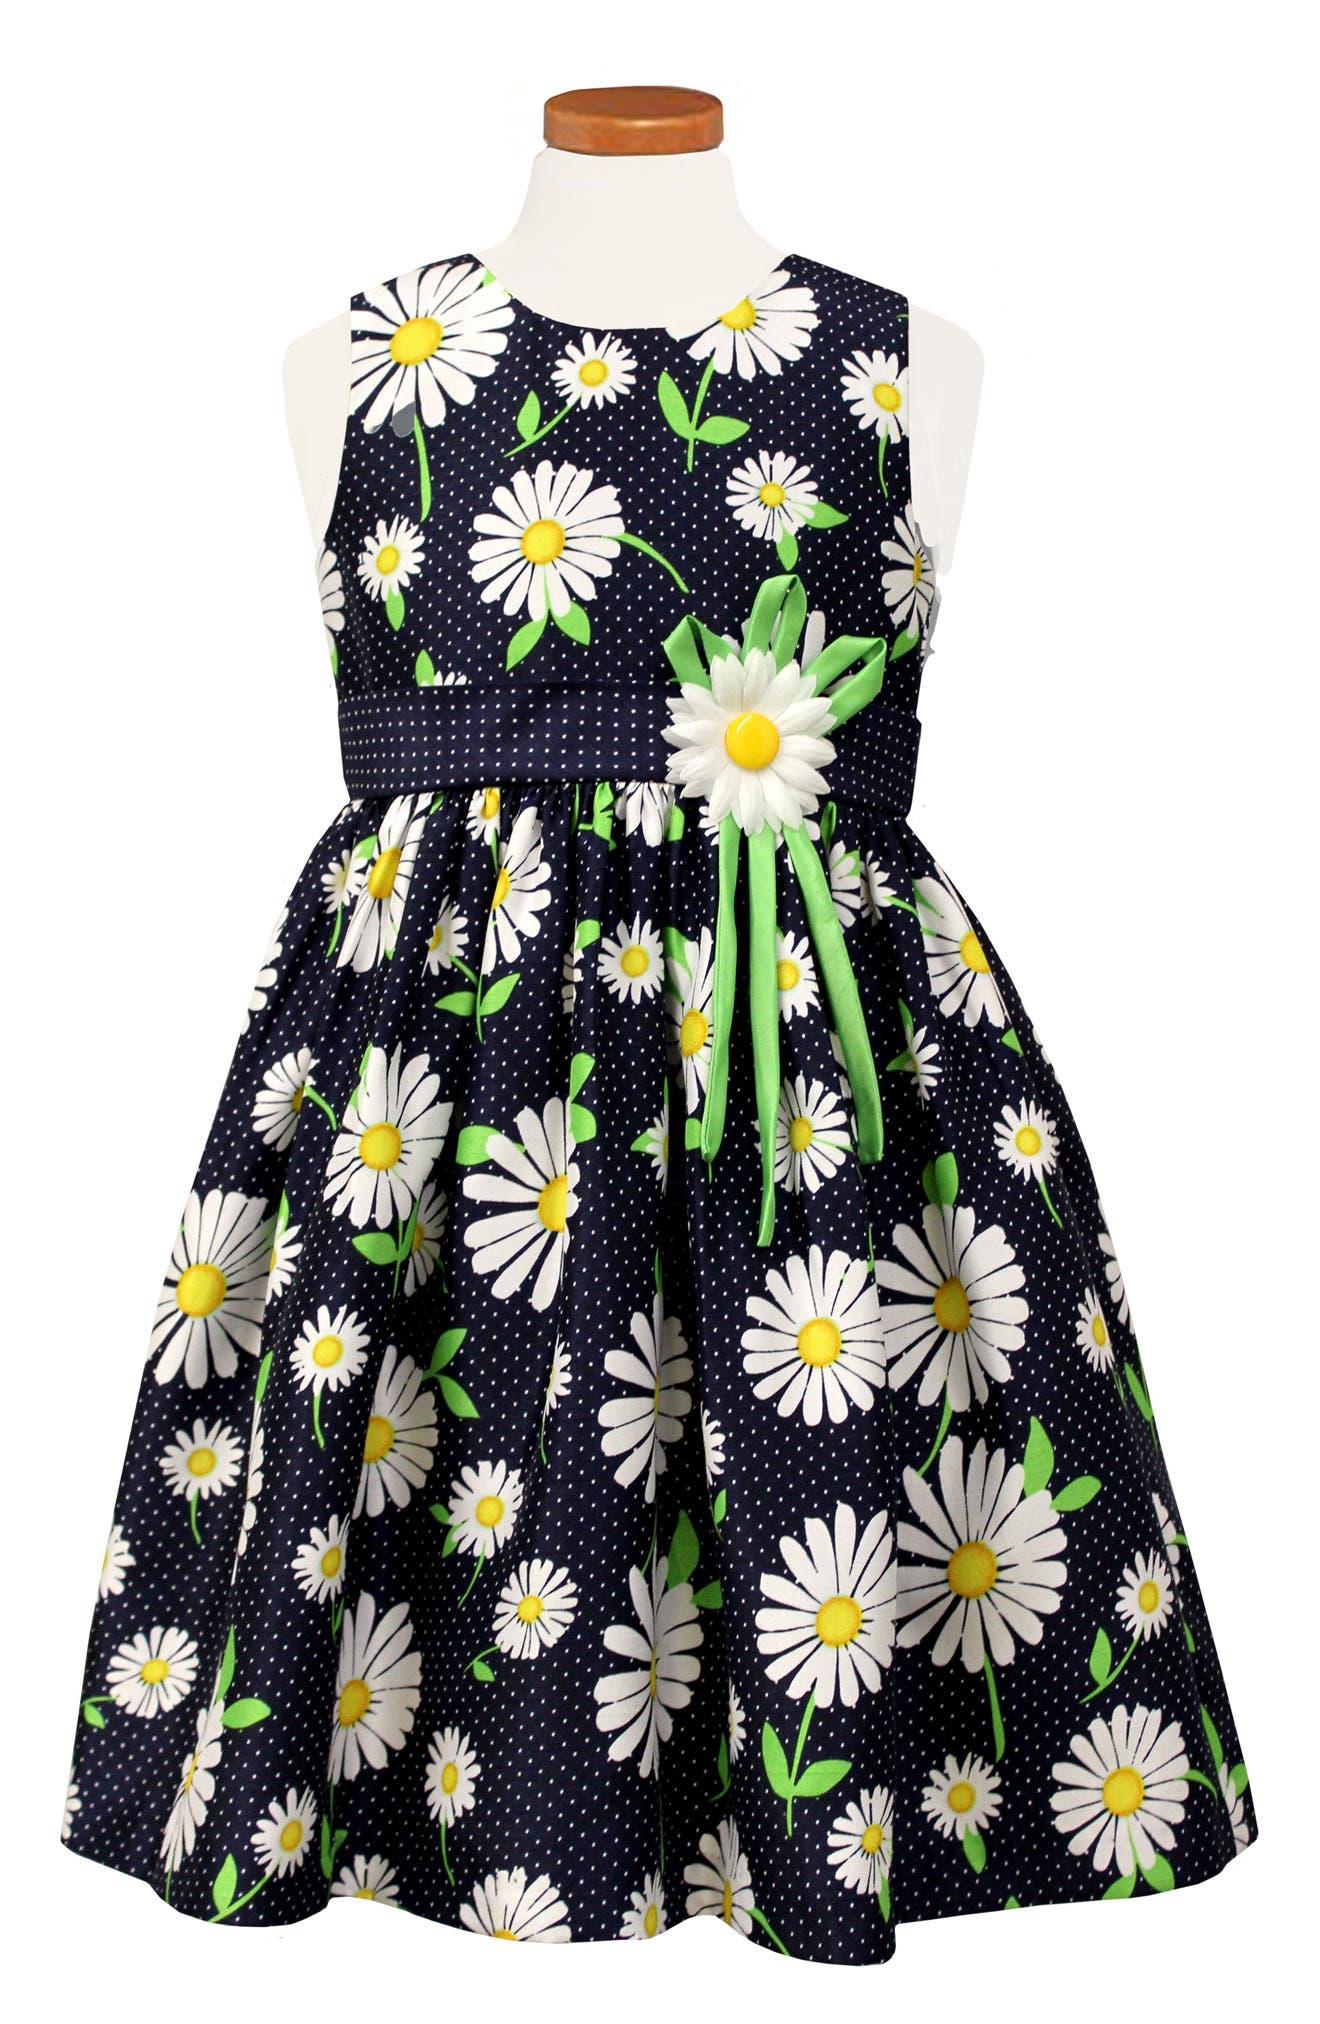 Sorbet Floral Print Sleeveless Dress (Toddler Girls & Little Girls)